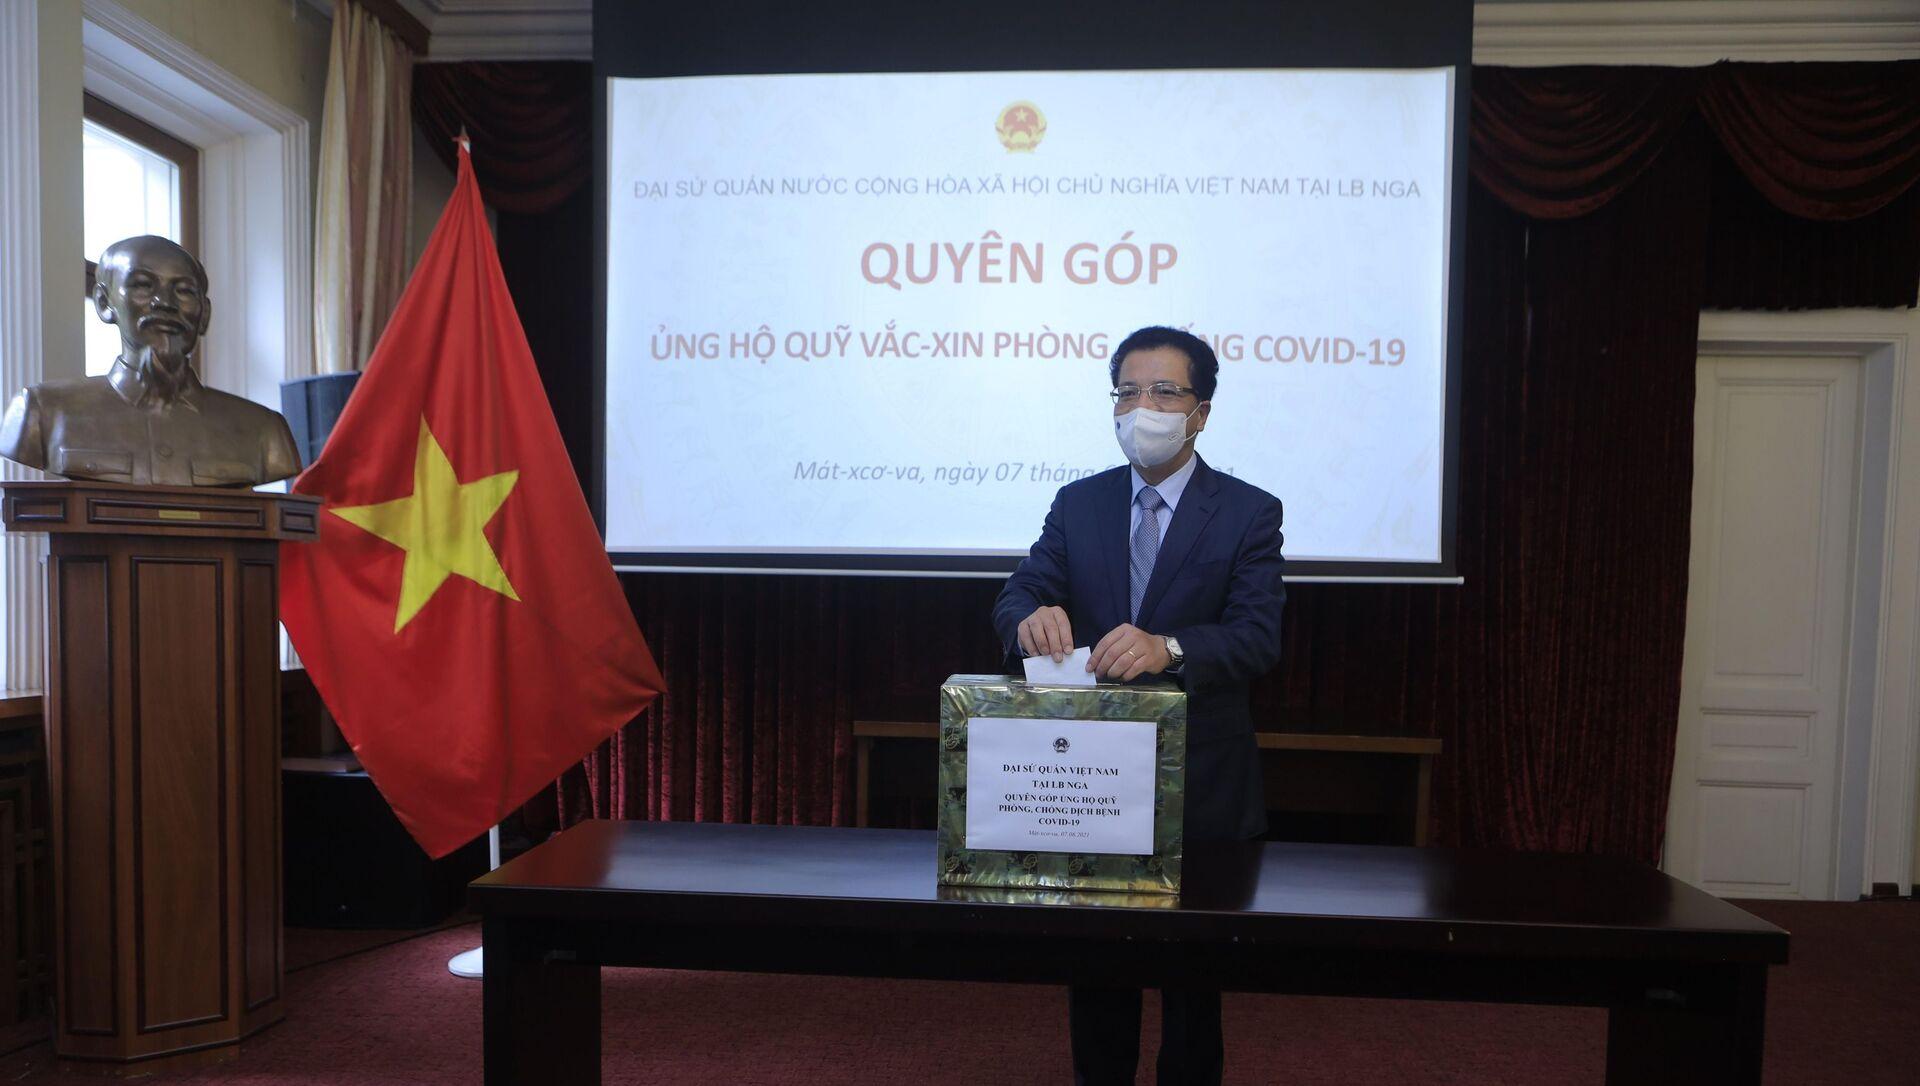 Đại sứ đặc quyền toàn quyền Việt Nam tại LB Nga Đặng Minh Khôi ủng hộ quỹ vắc xin phòng Covid-19. - Sputnik Việt Nam, 1920, 14.07.2021